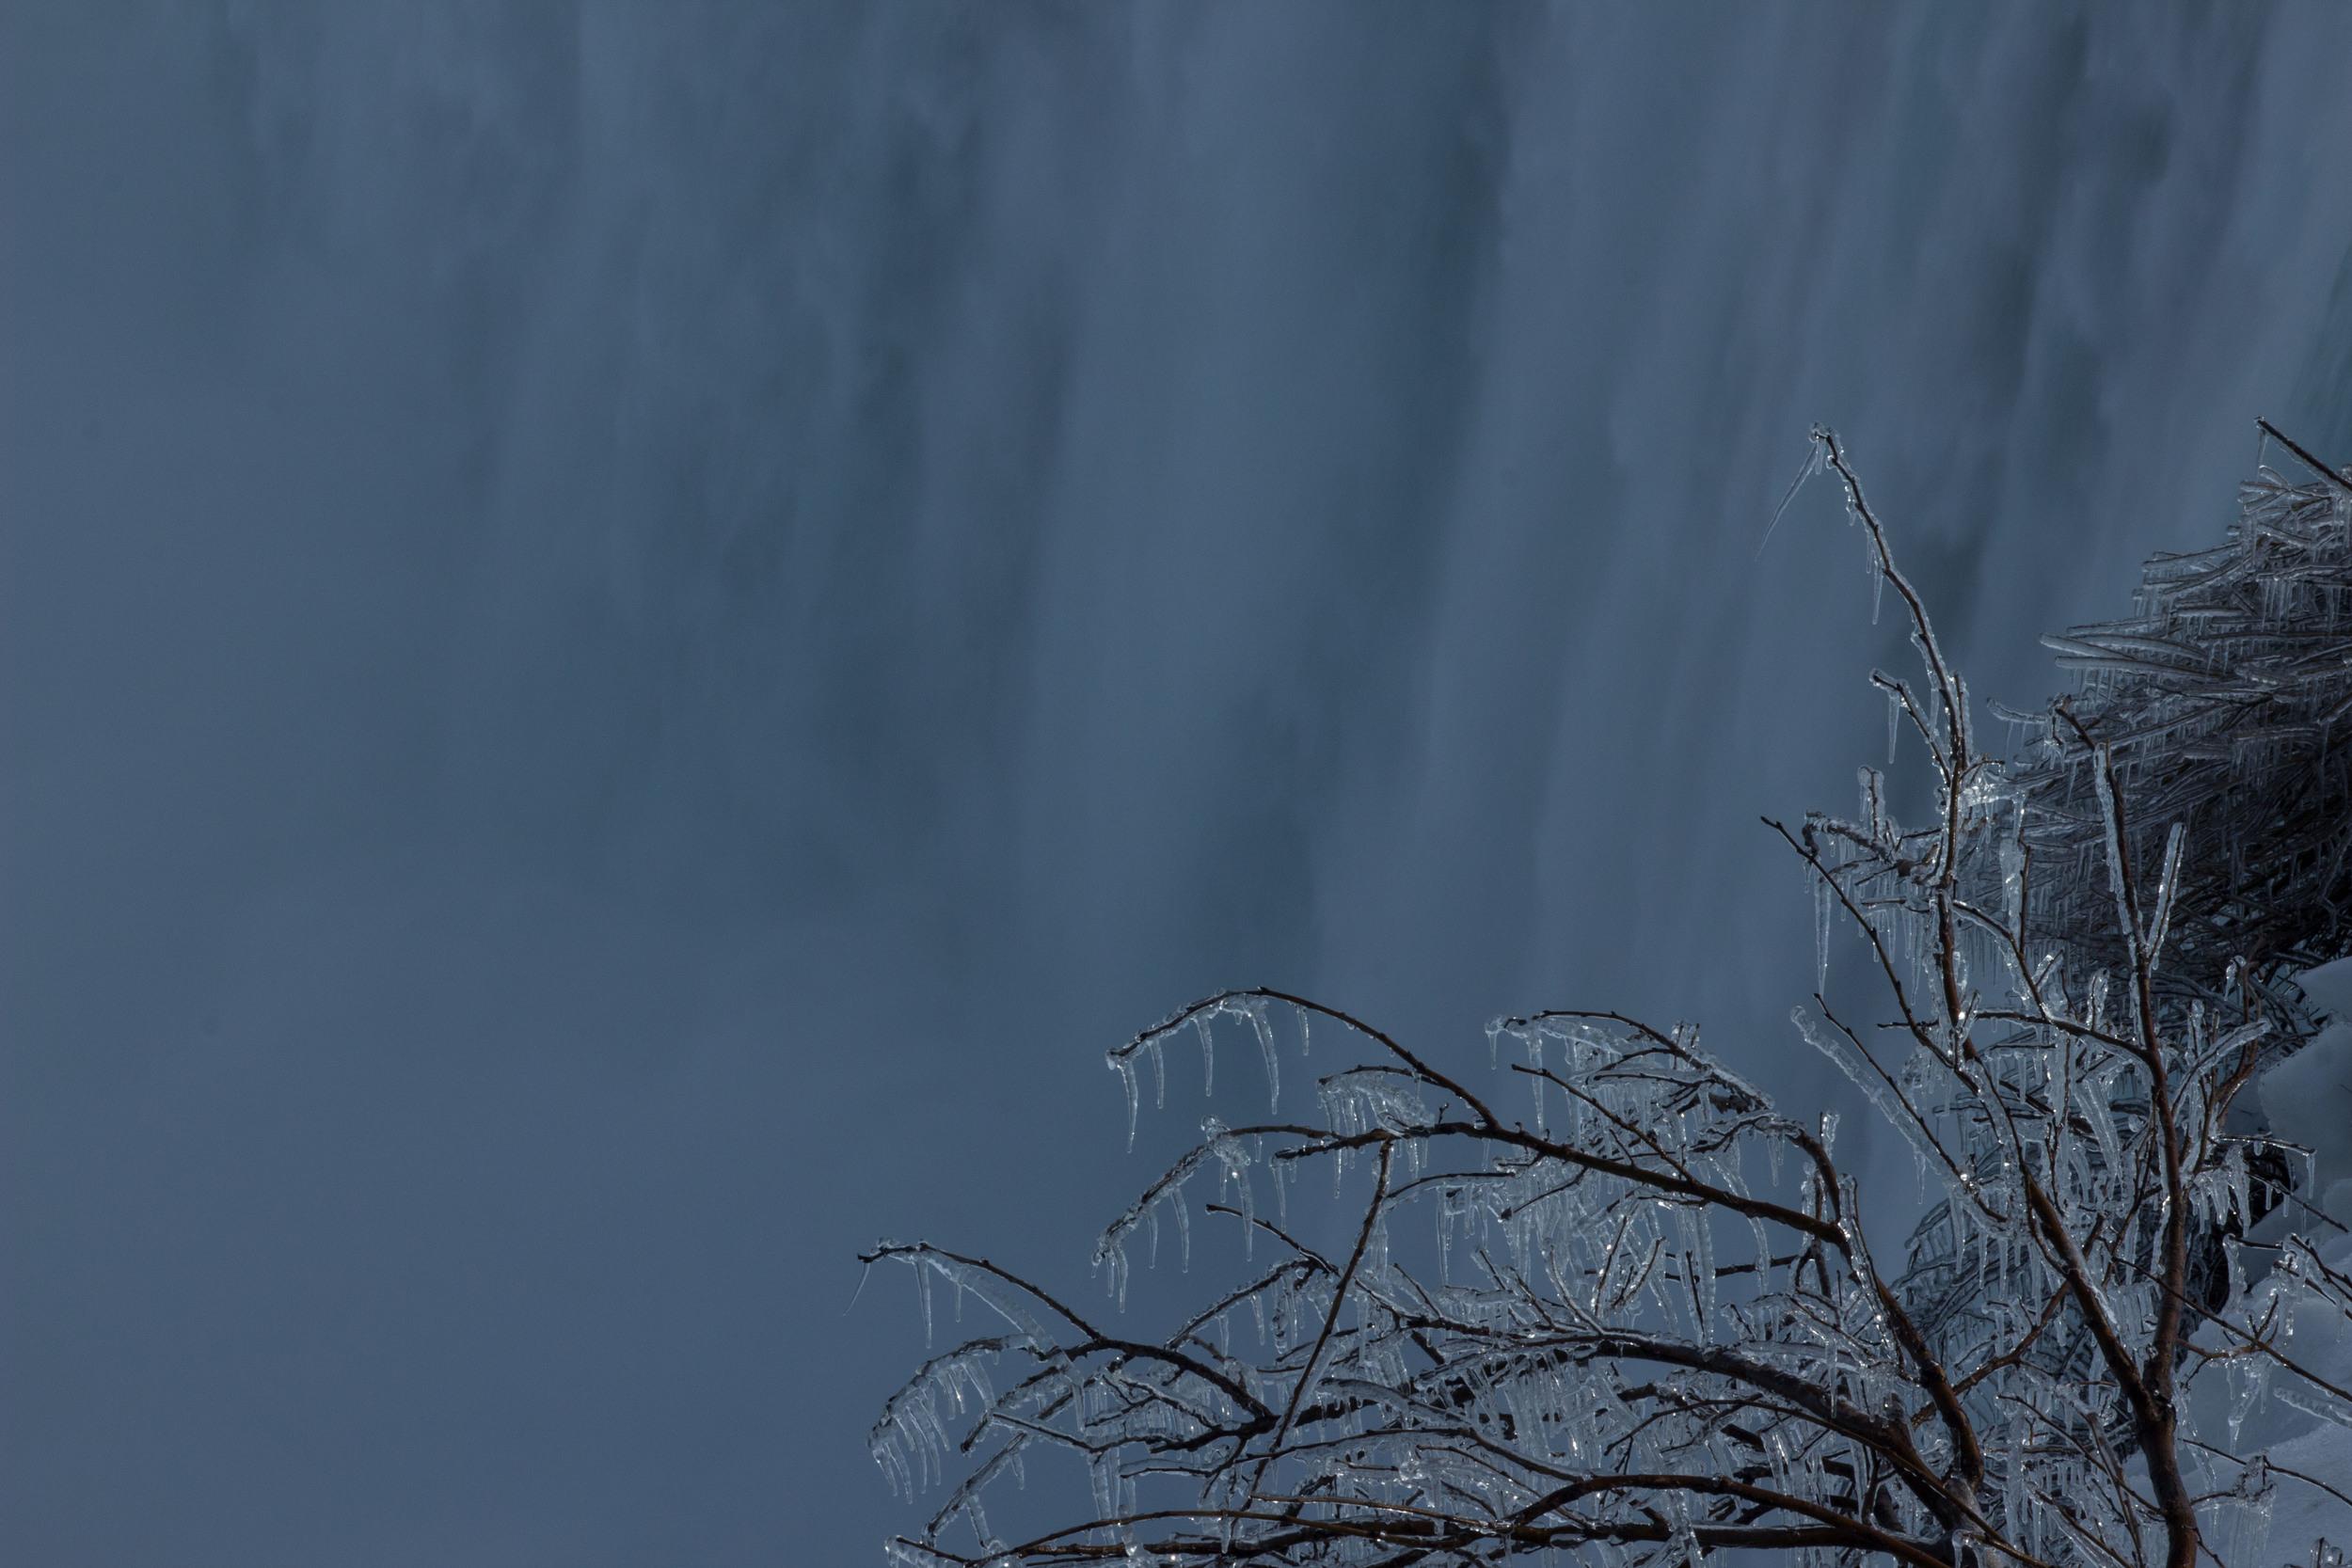 NiagaraFalls_2015_0319_0044.jpg